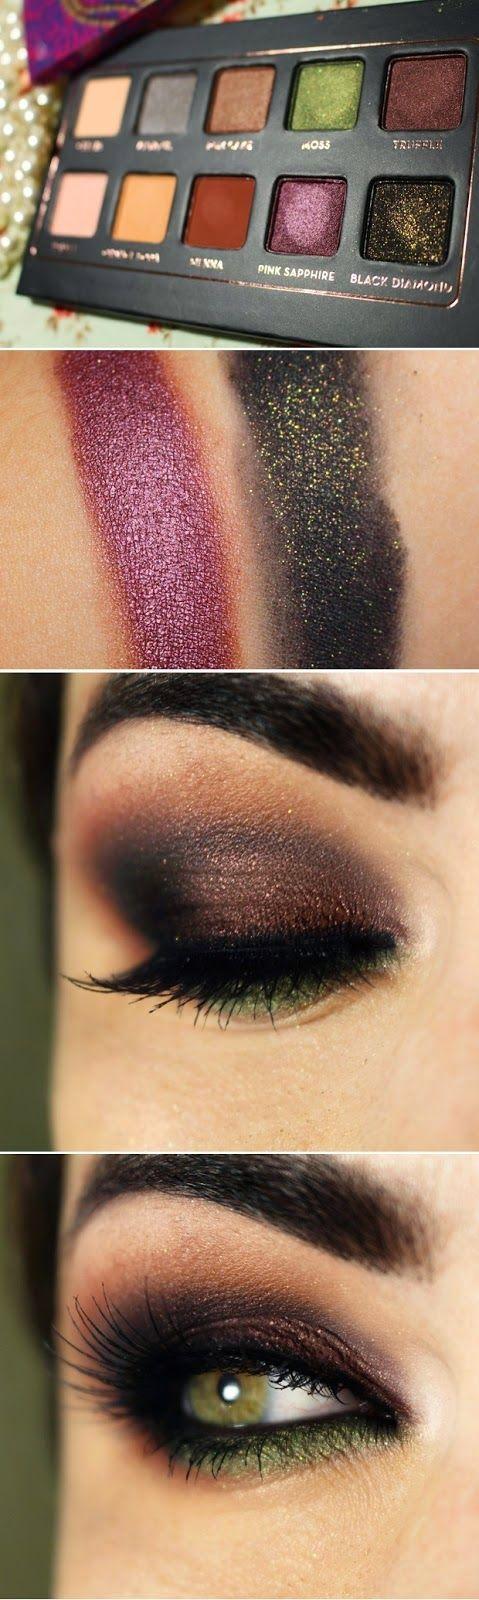 #makeup #beauty #style #eyeshadow #eyeliner